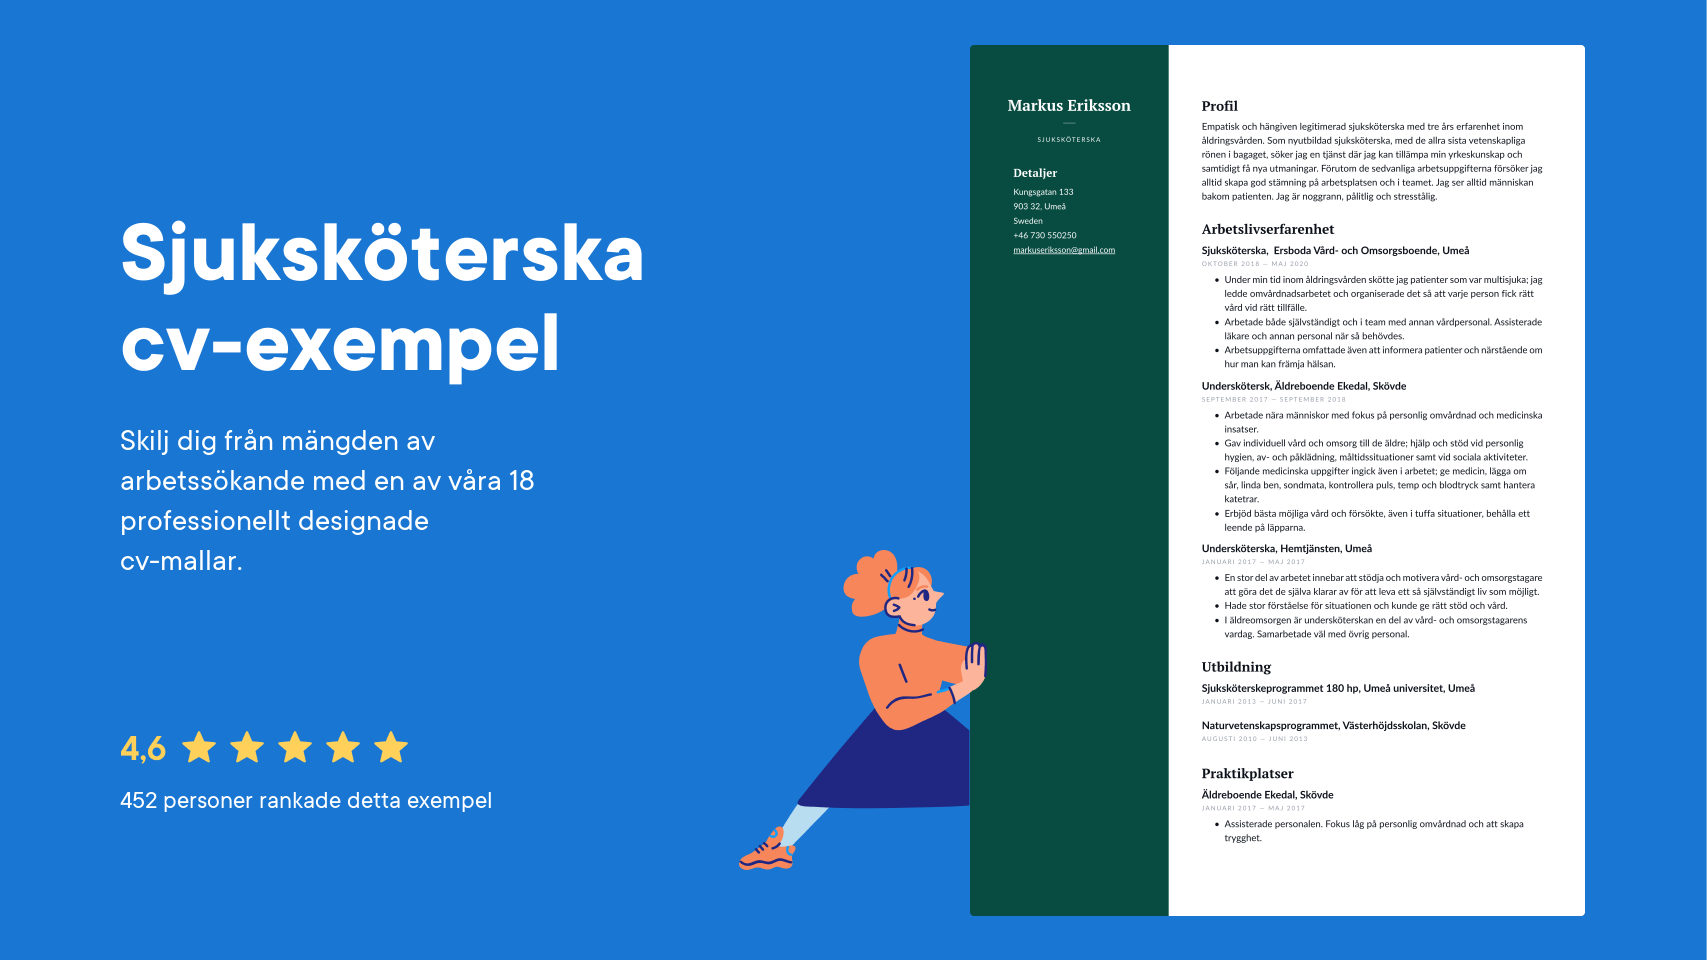 Sjukskoterska Cv Exempel Skrivtips 2021 Gratis Guide